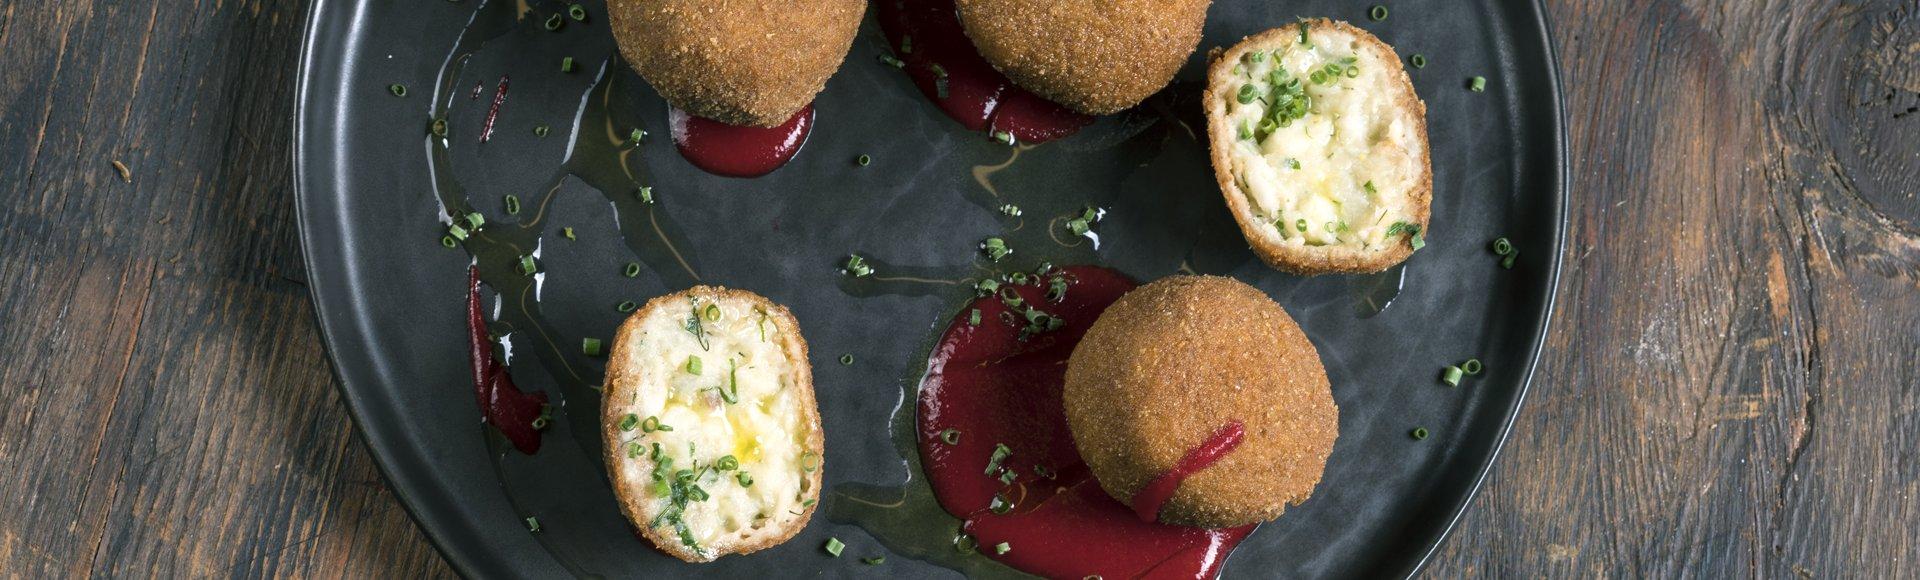 Κροκέτες μπακαλιάρου με σάλτσα σαφράν και σαλάτα παντζάρι